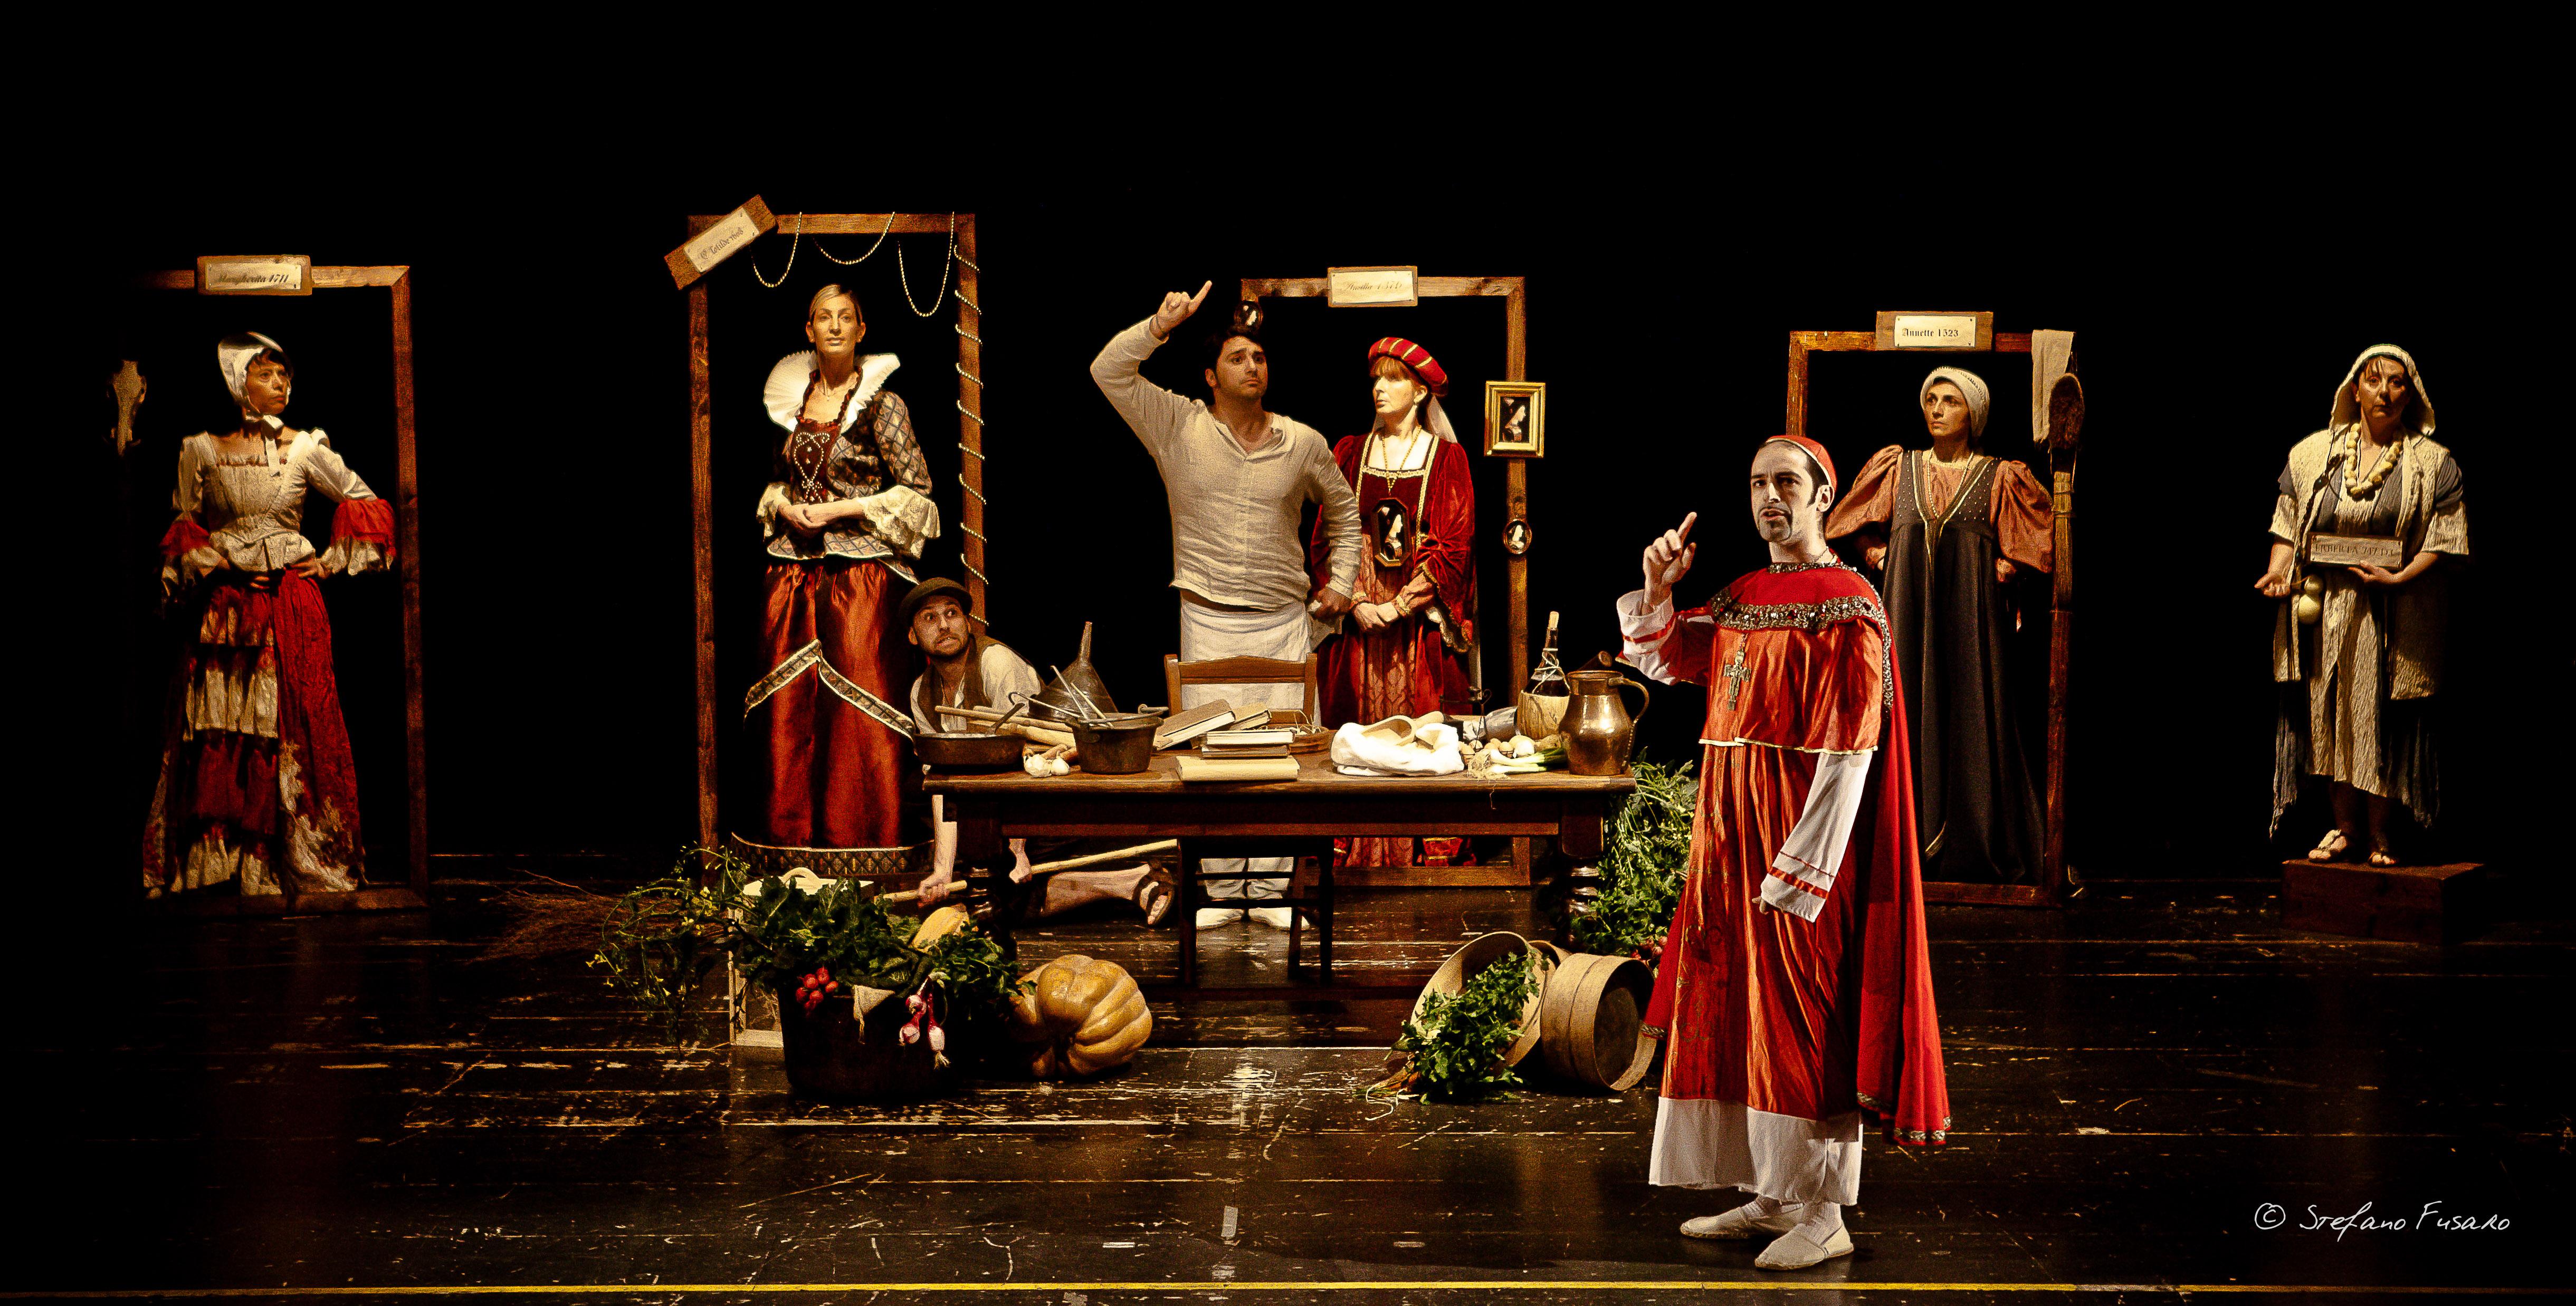 Teatro di Caselette